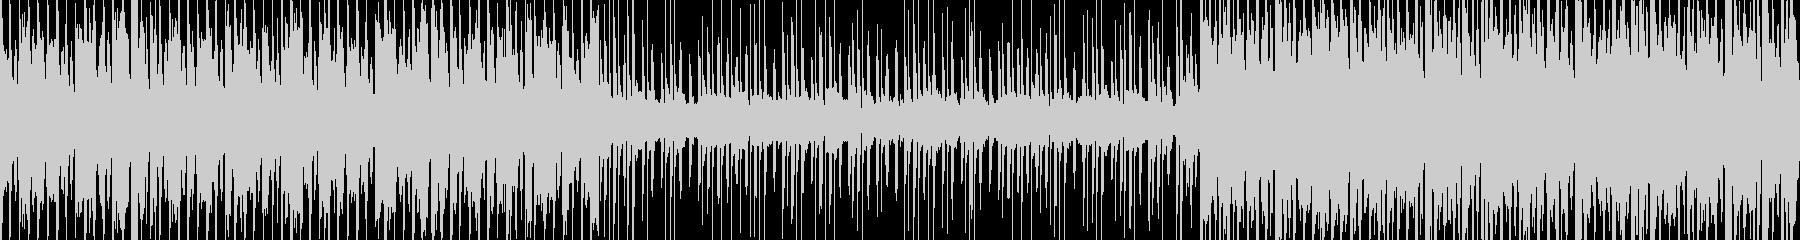 【ループ】街・明るくて軽快なBGM128の未再生の波形